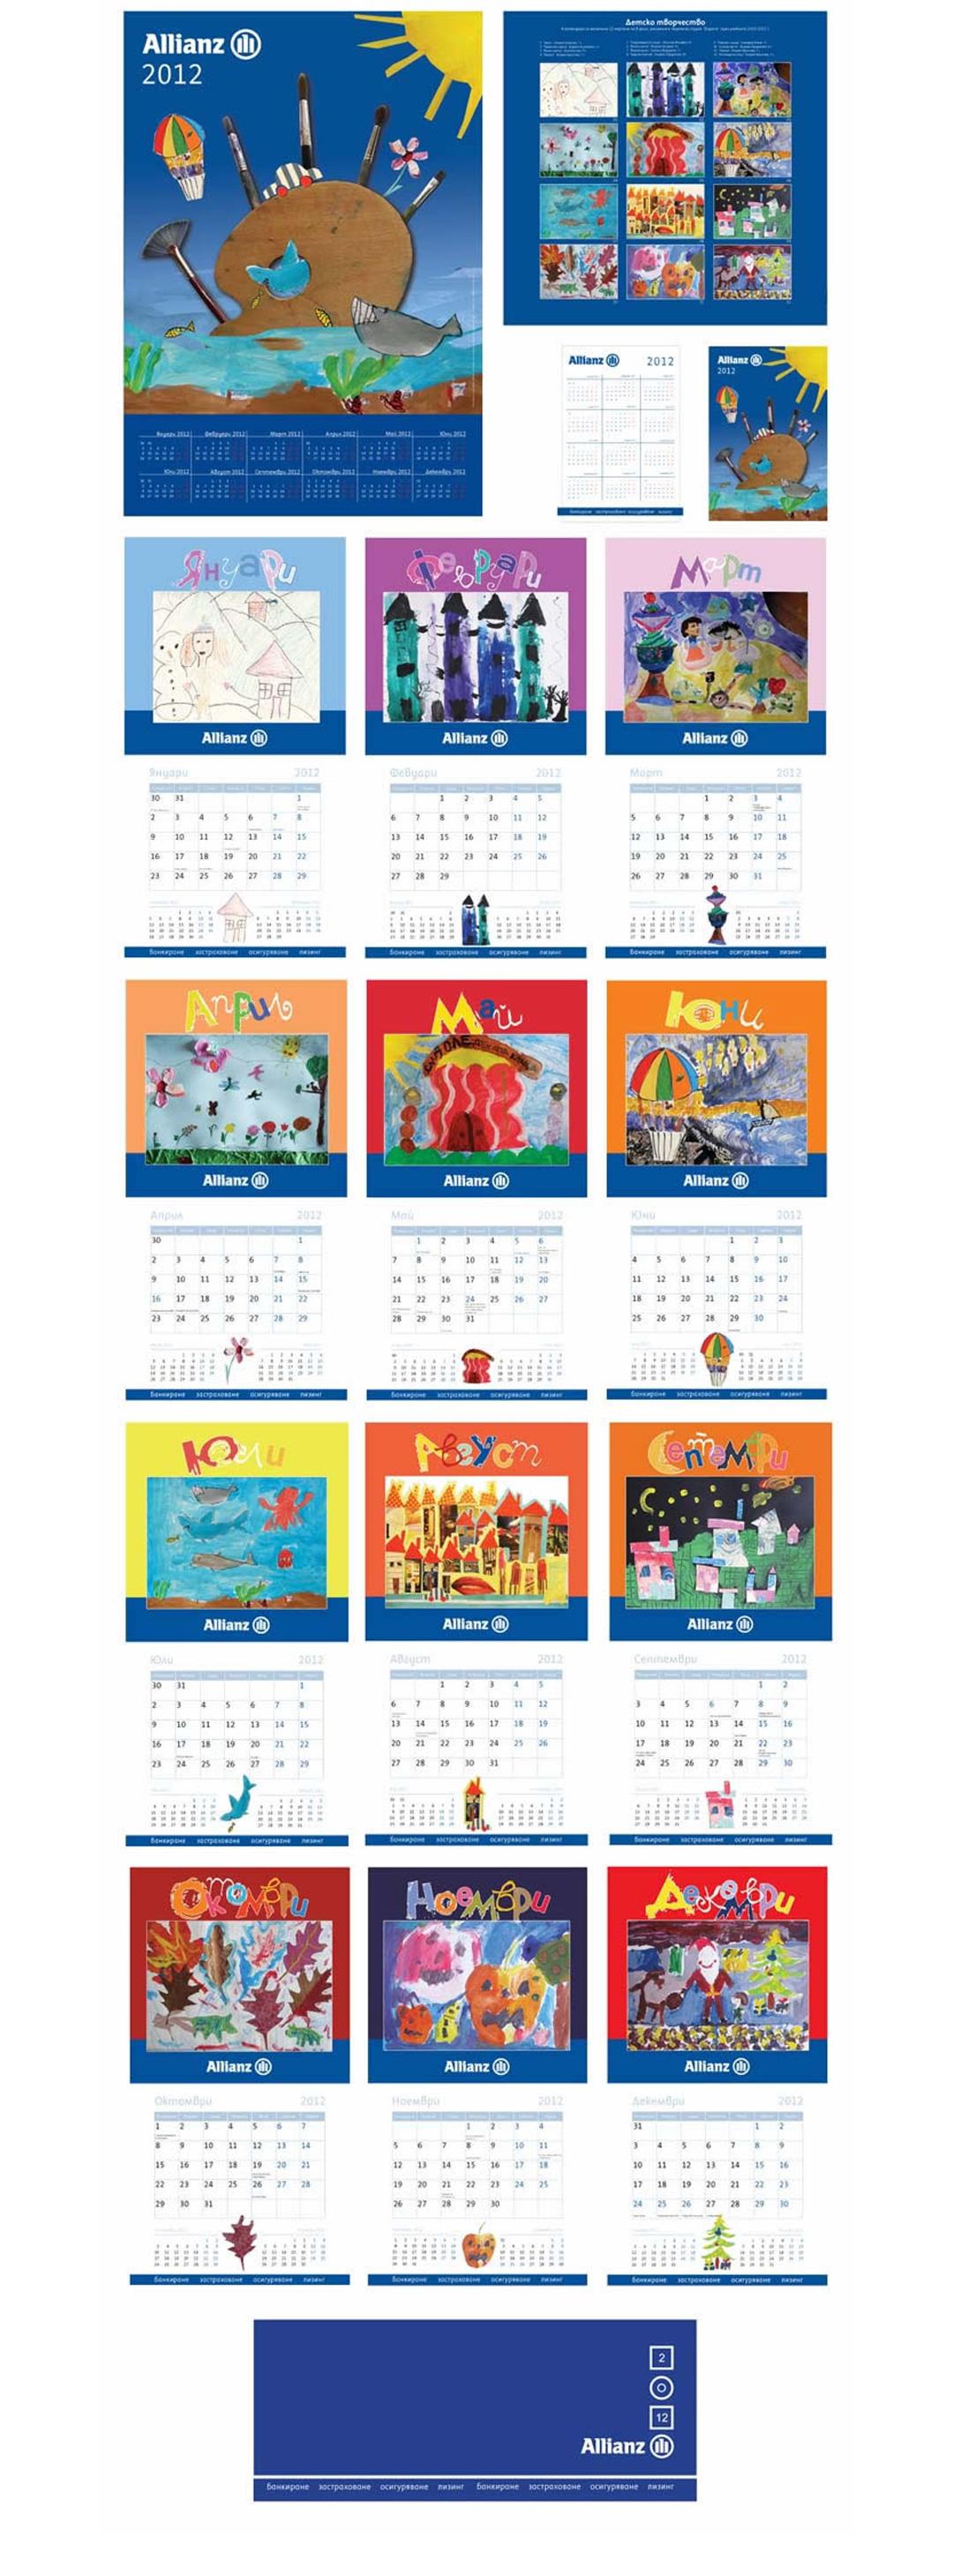 Проекти за рекламна кампания 2012 на Алианц България